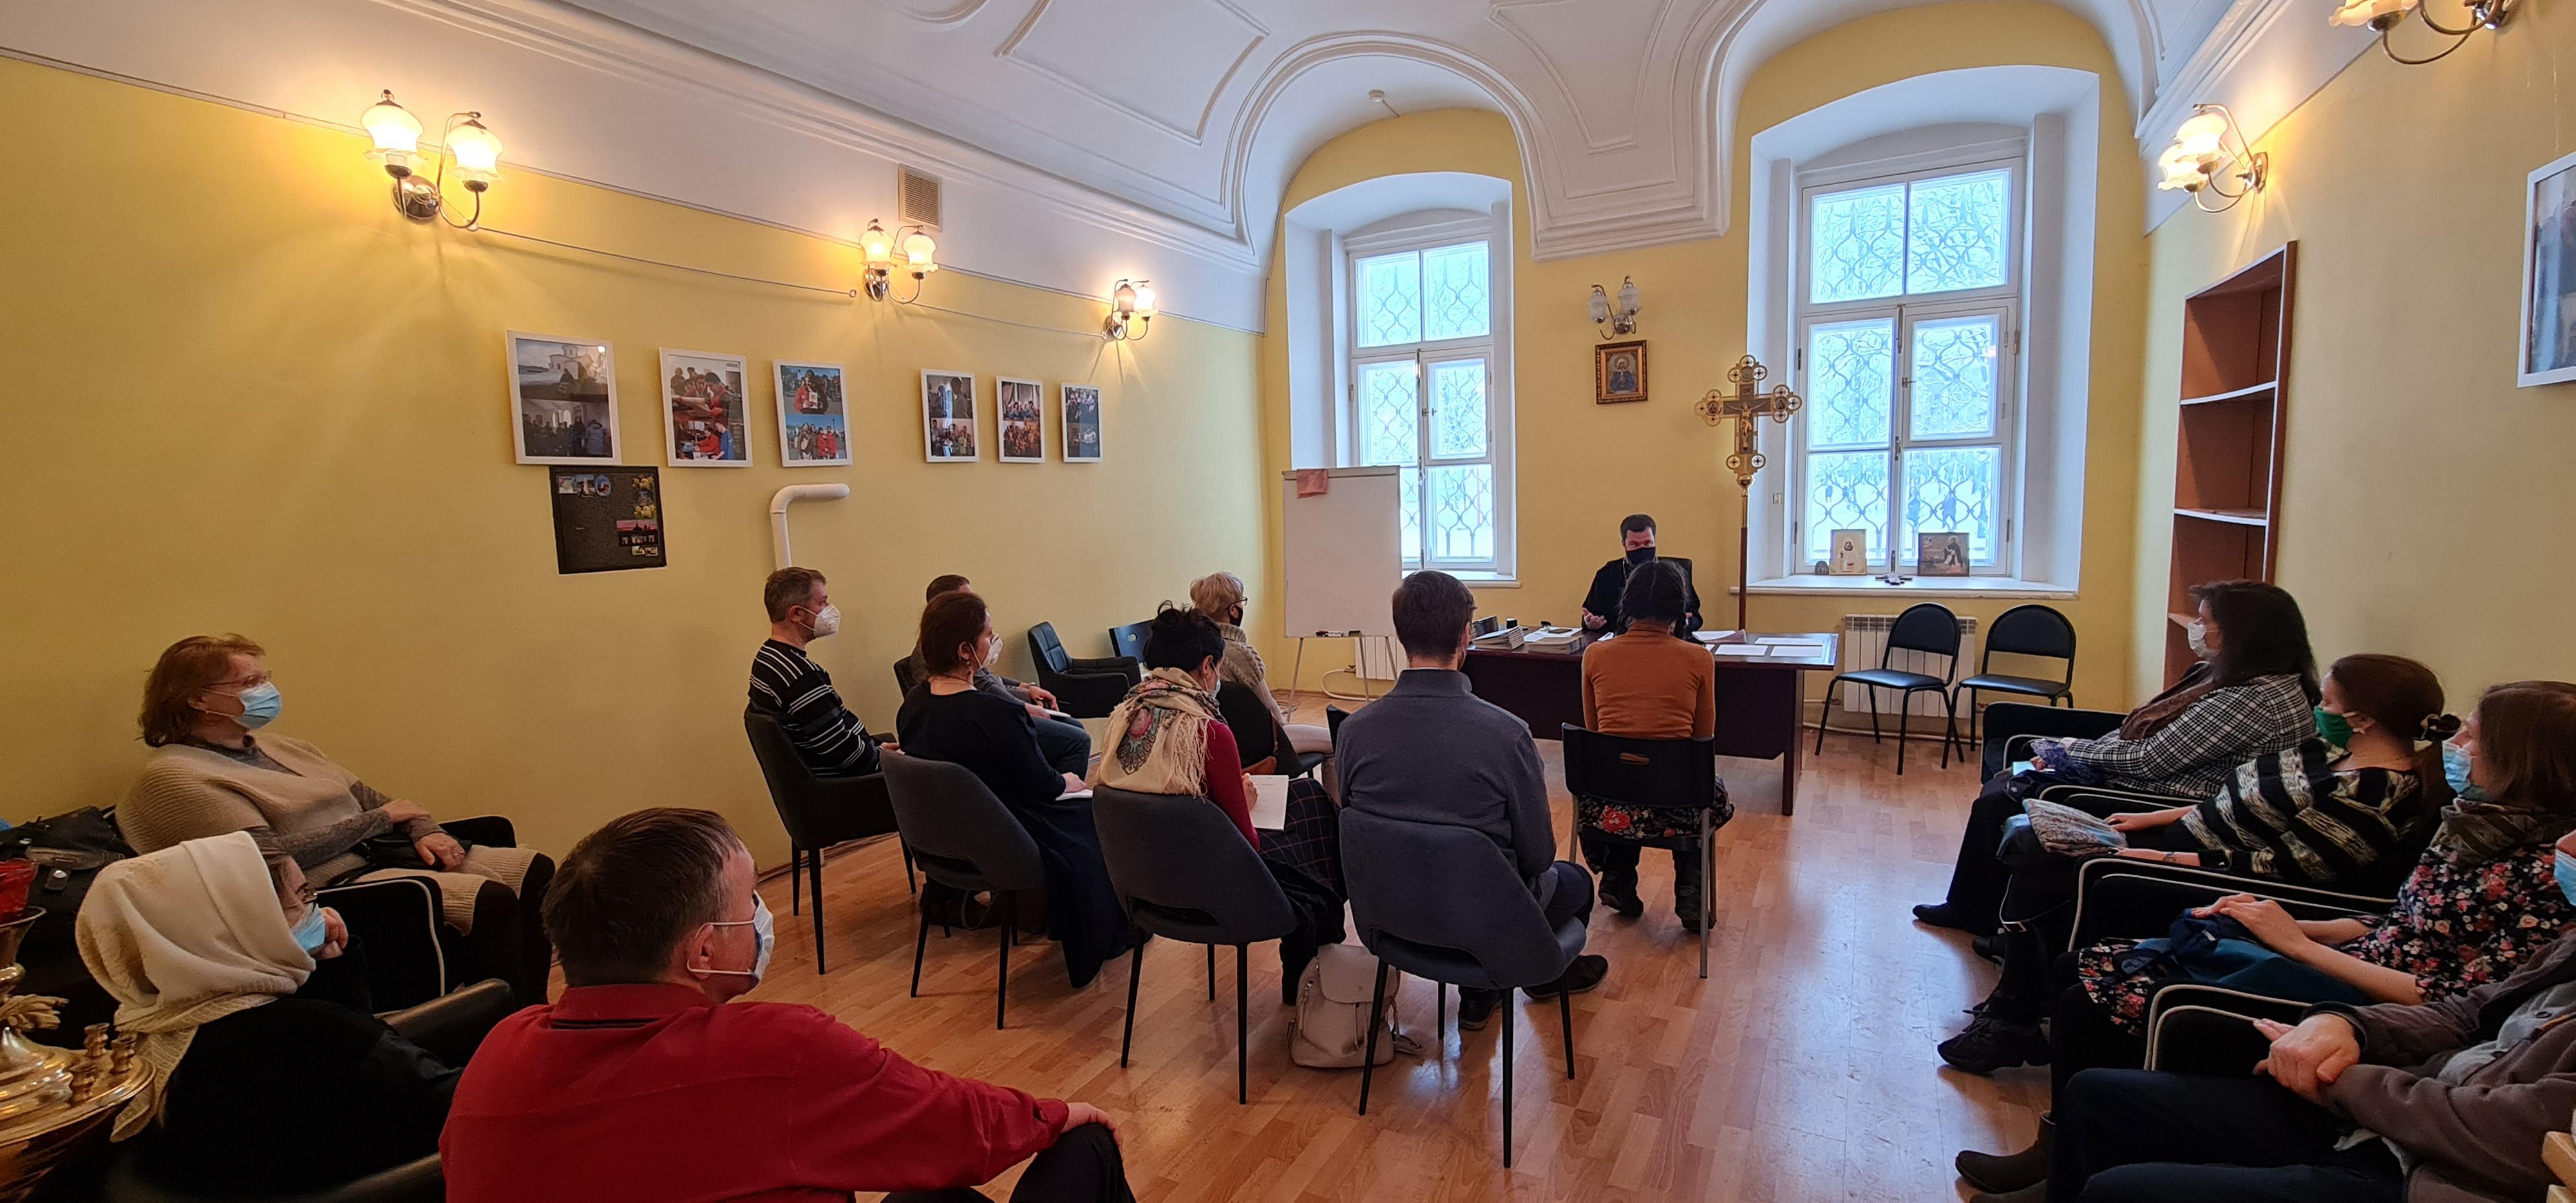 Шестой выпуск православной школы приемных родителей «Умиление» в Санкт-Петербурге